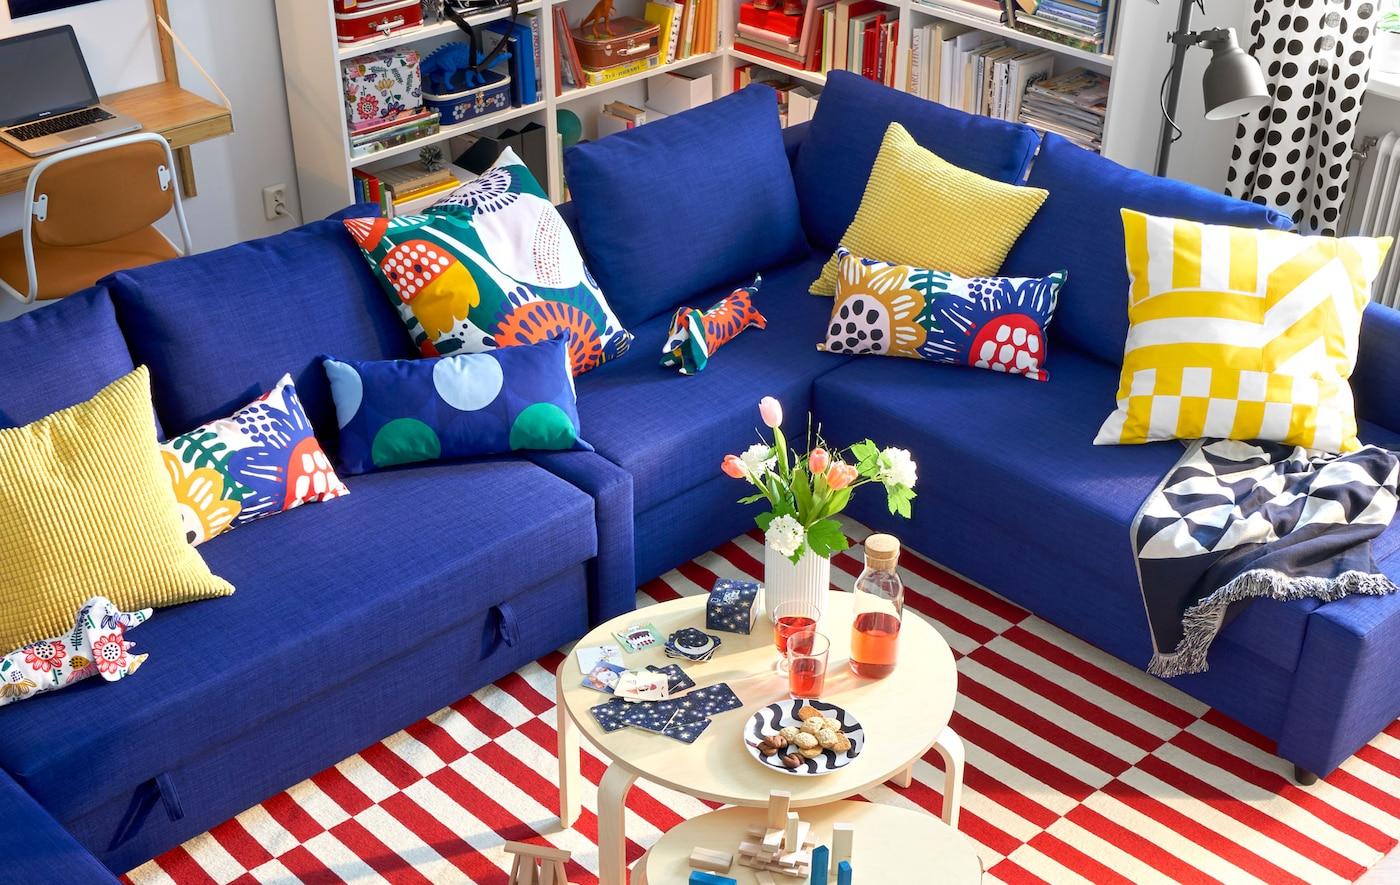 Sininen FRIHETEN-kulmavuodesohva, värikkäät tyynyt, pyöreä olohuoneen pöytä ja raidallinen matto.